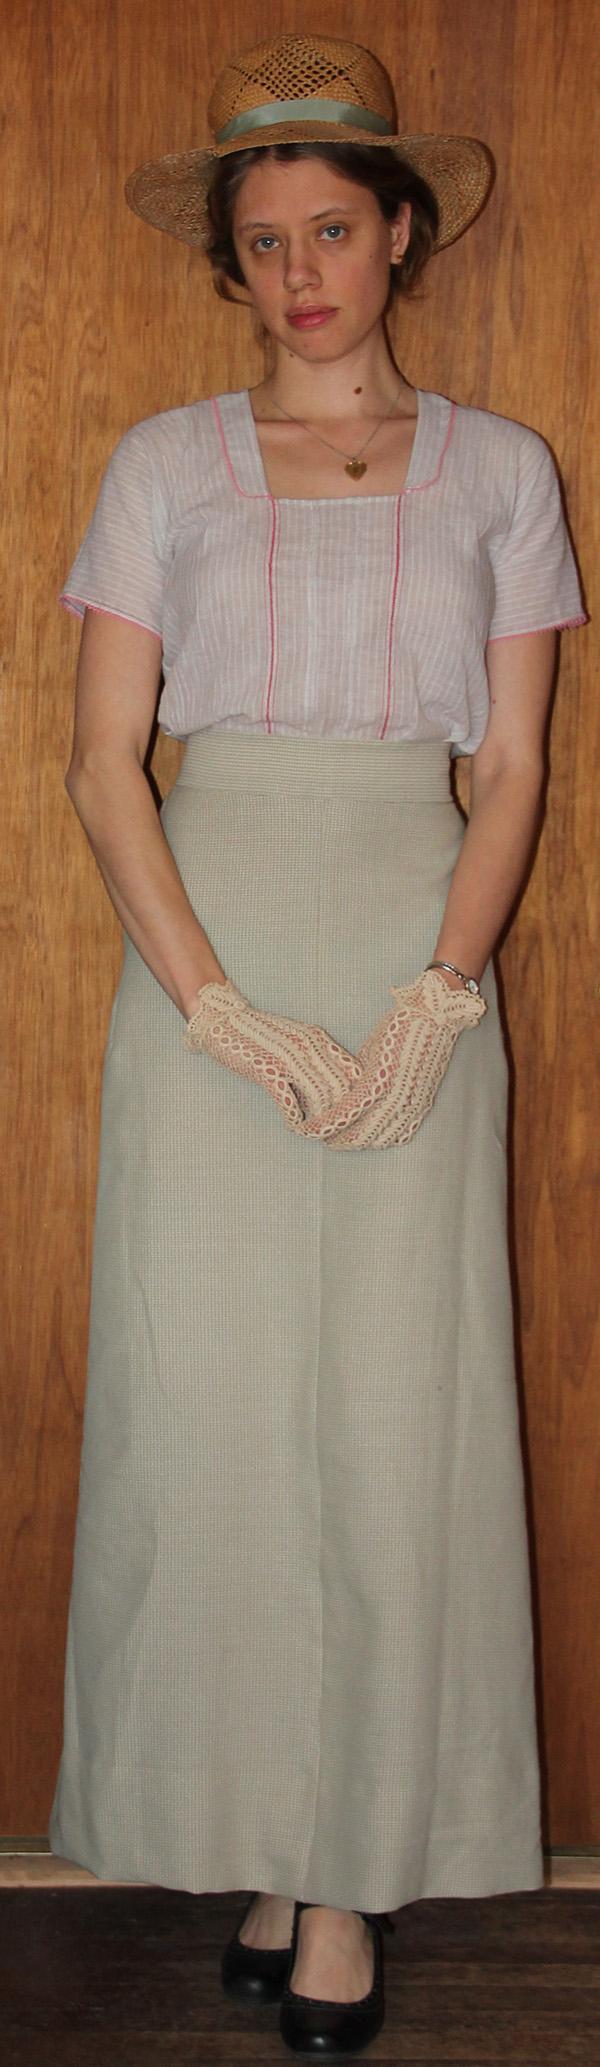 1913 Skirt